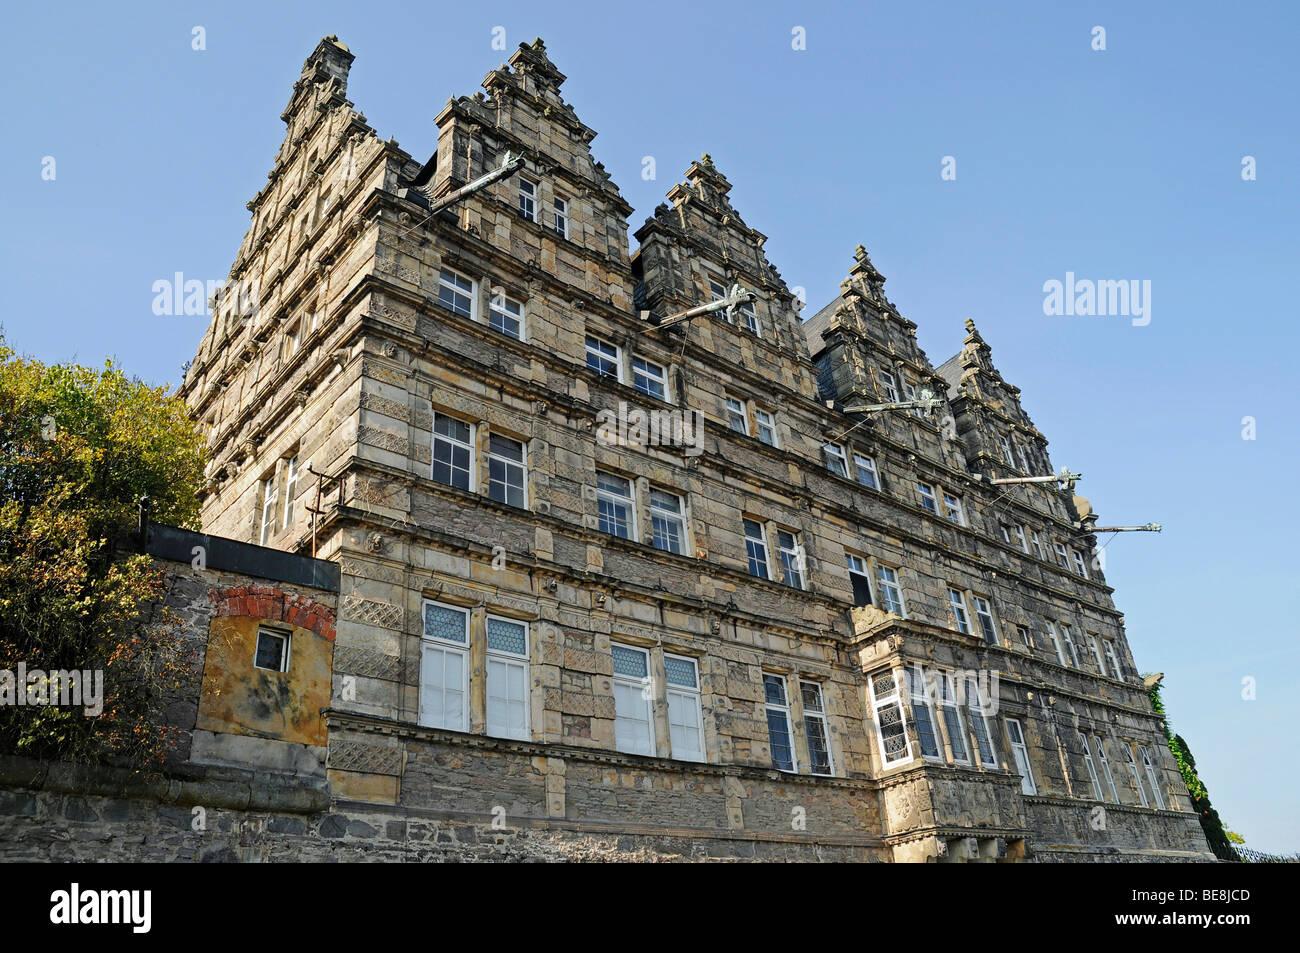 Haemelschenburg, château Renaissance de la Weser, Bad Pyrmont, Hameln, Emmerthal, Basse-Saxe, Allemagne, Europe Banque D'Images